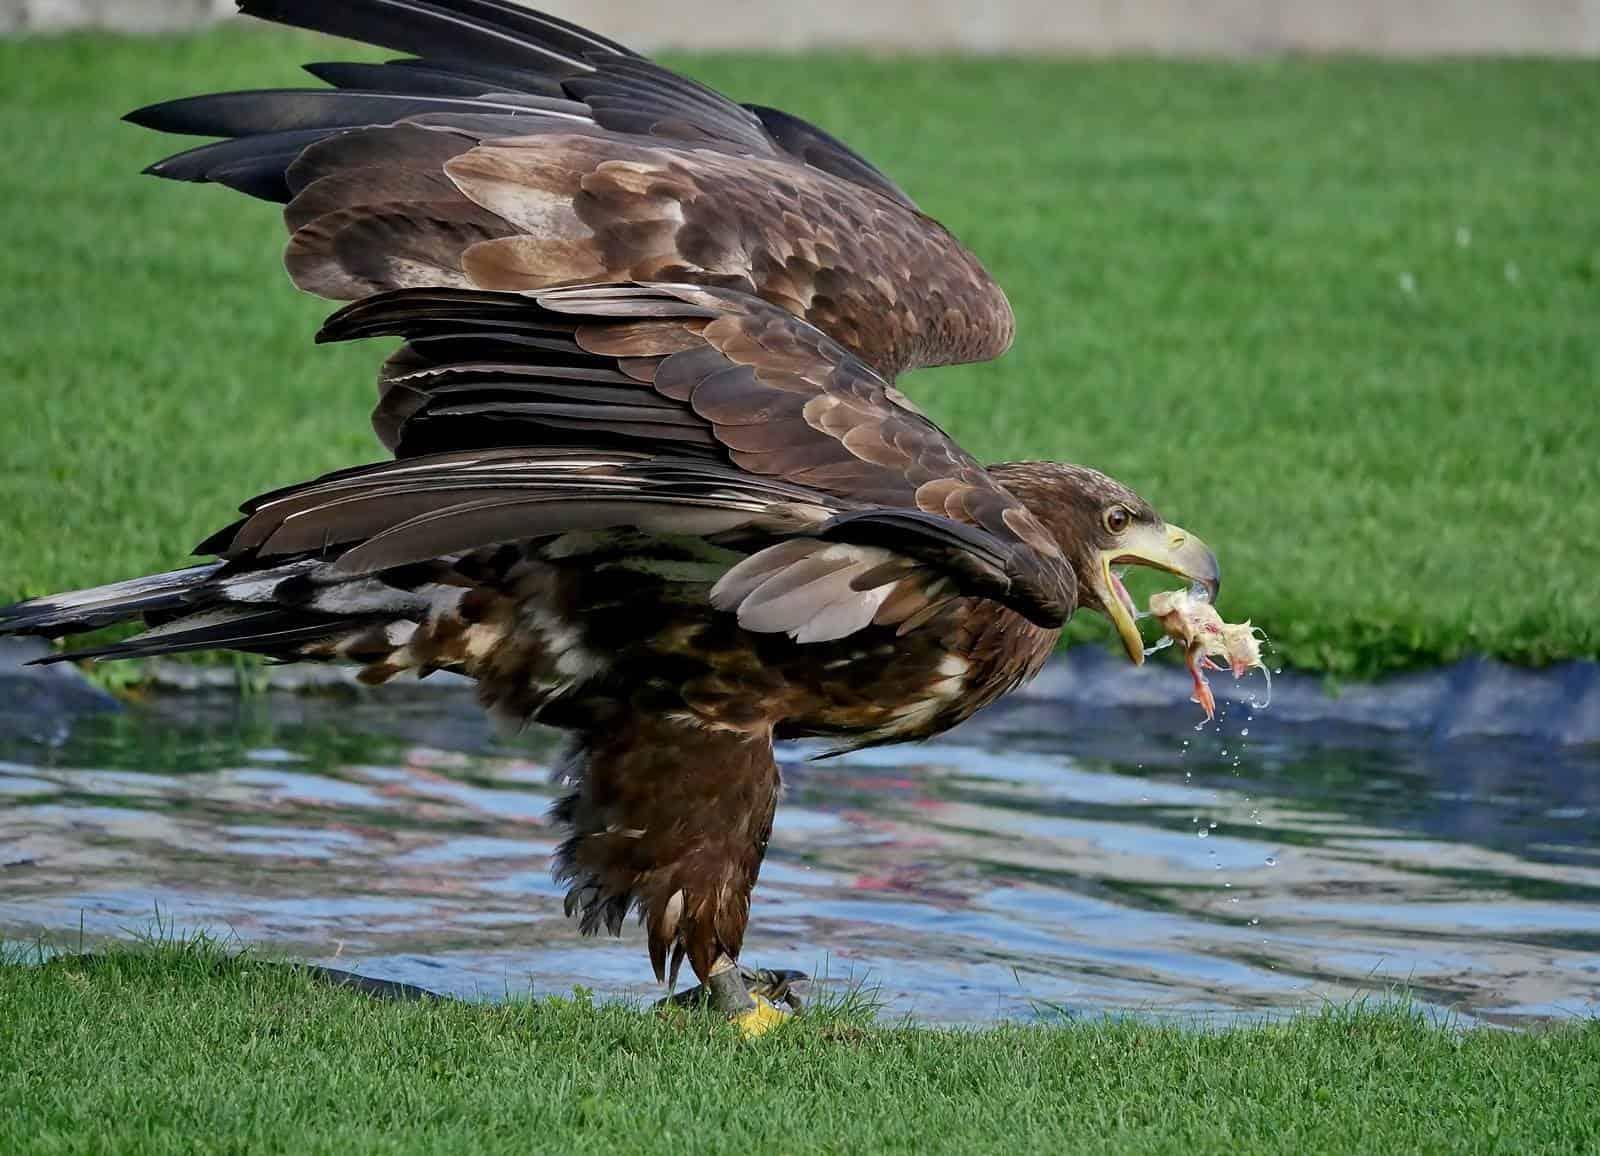 Seeadler Greifvogel bei Flugschau der Adlerarena auf Burg Landskron am Ossiacher See in Kärnten